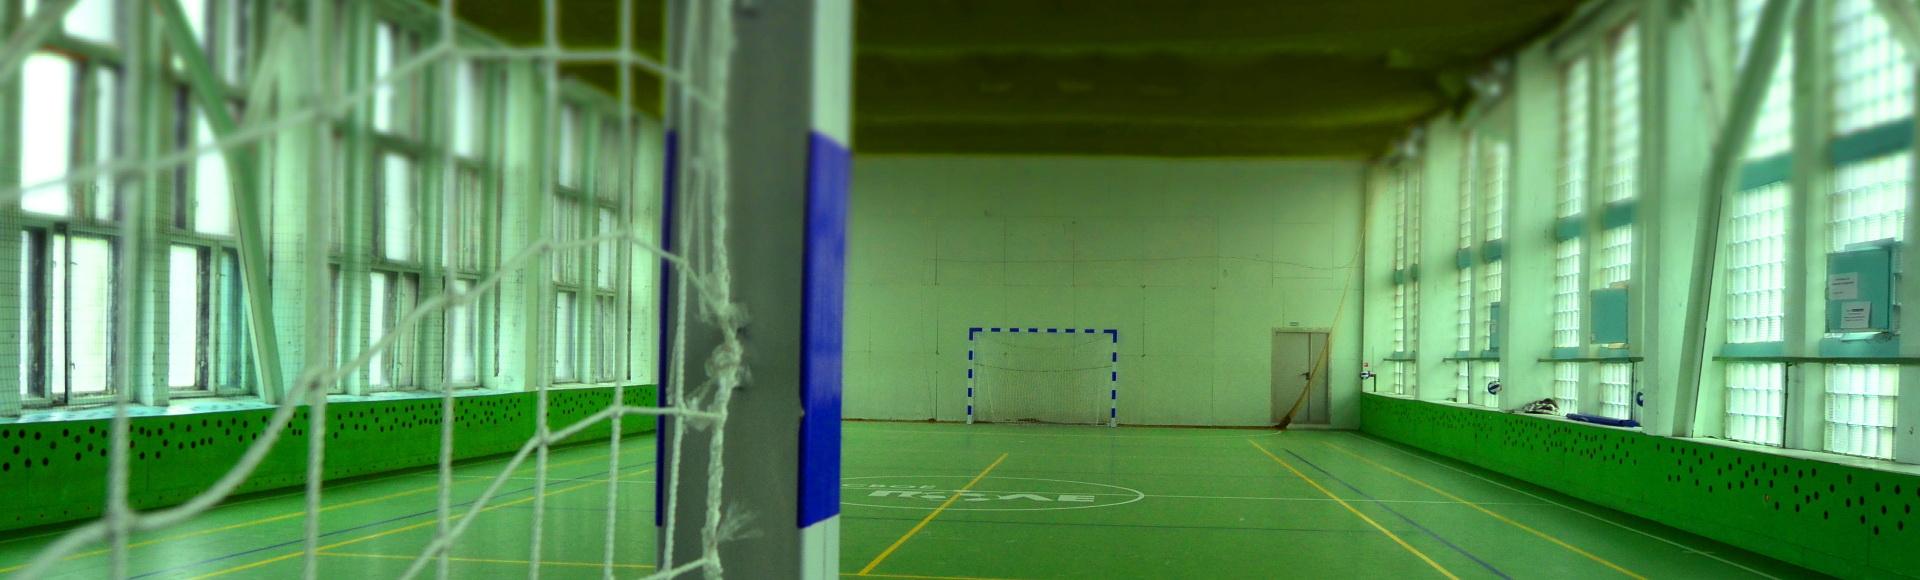 Зал для игры в мини-футбол